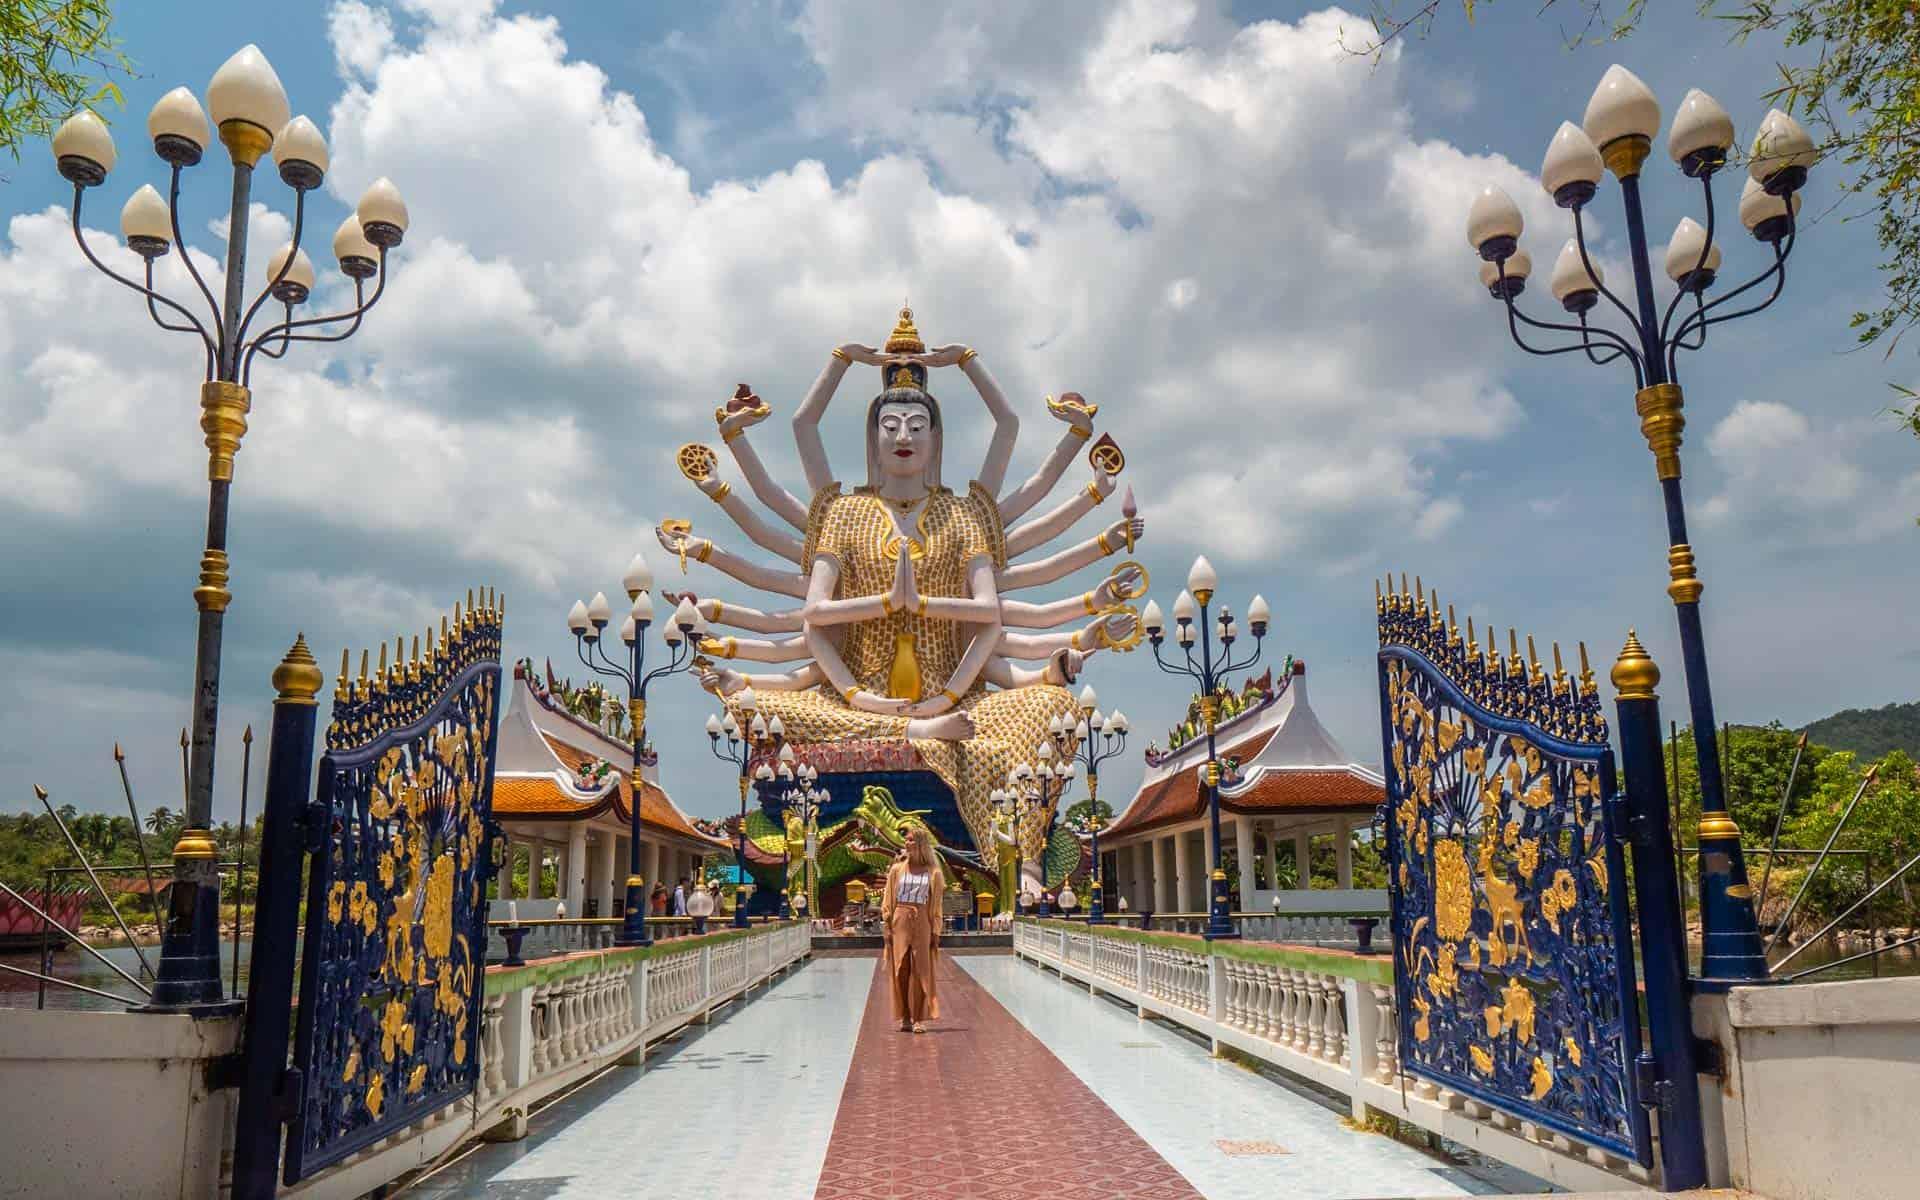 Wat-Plai-Laem-koh-samui-close